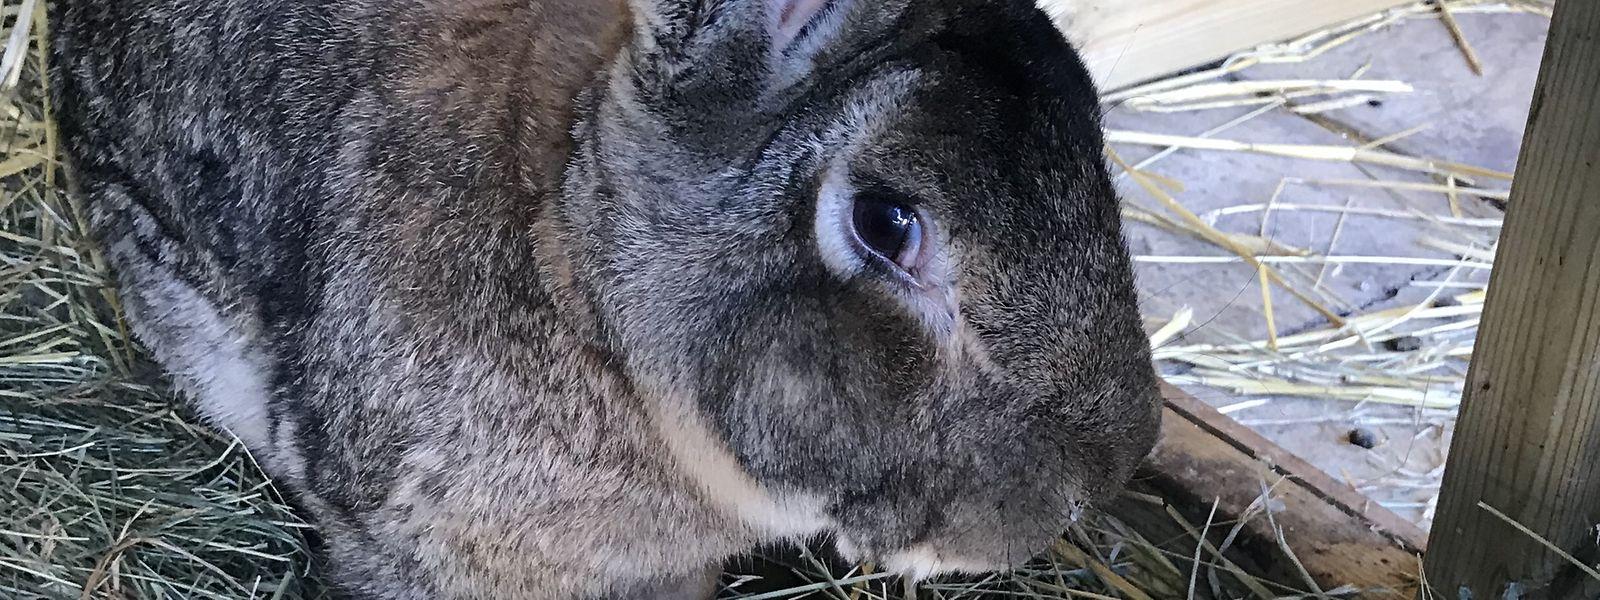 Com 1,29 metros de comprimento, Darius detém o título de maior coelho vivo do mundo pelo Livro de Recordes do Guinness.